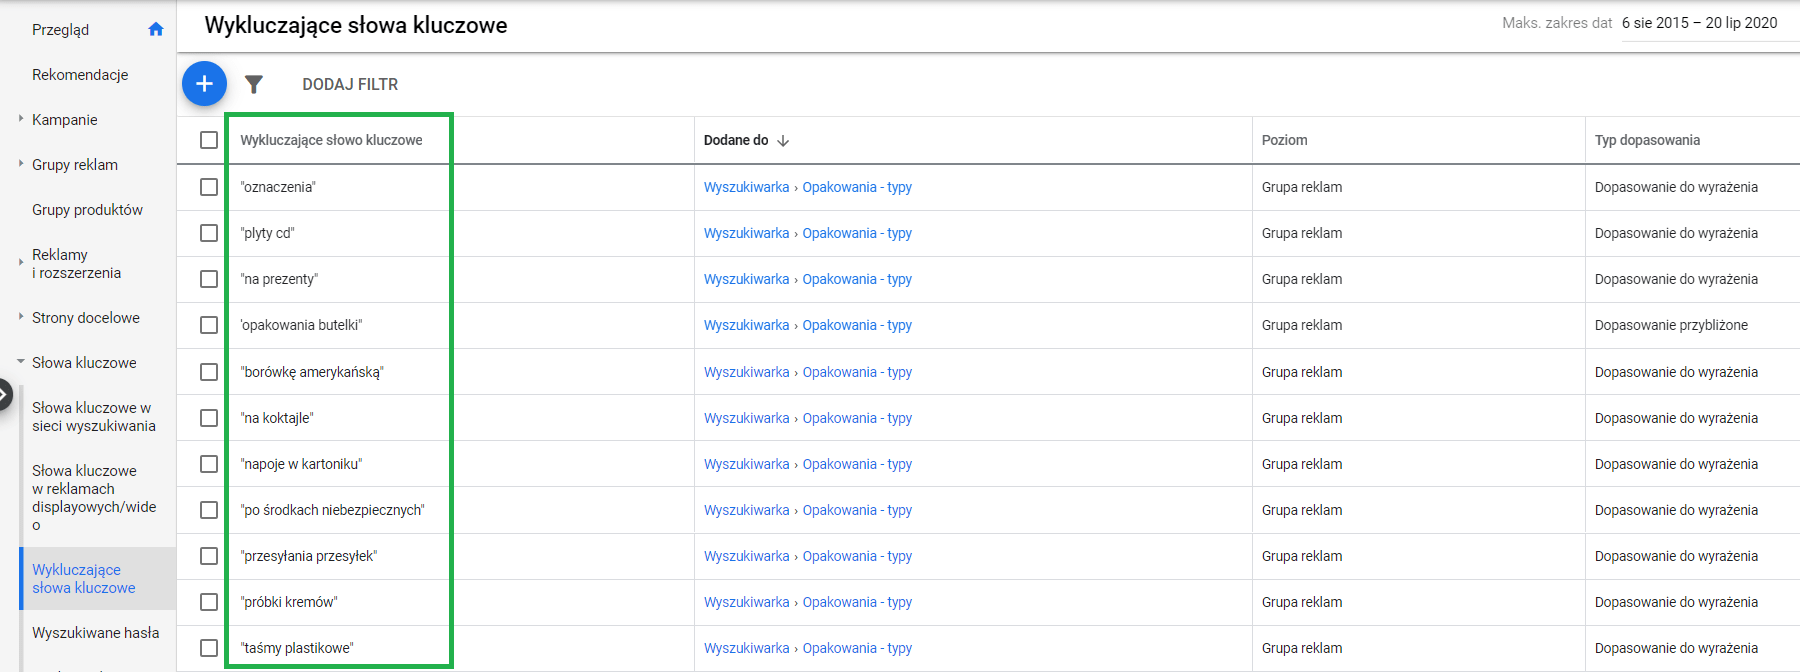 Przykładowa lista wykluczających słów kluczowych